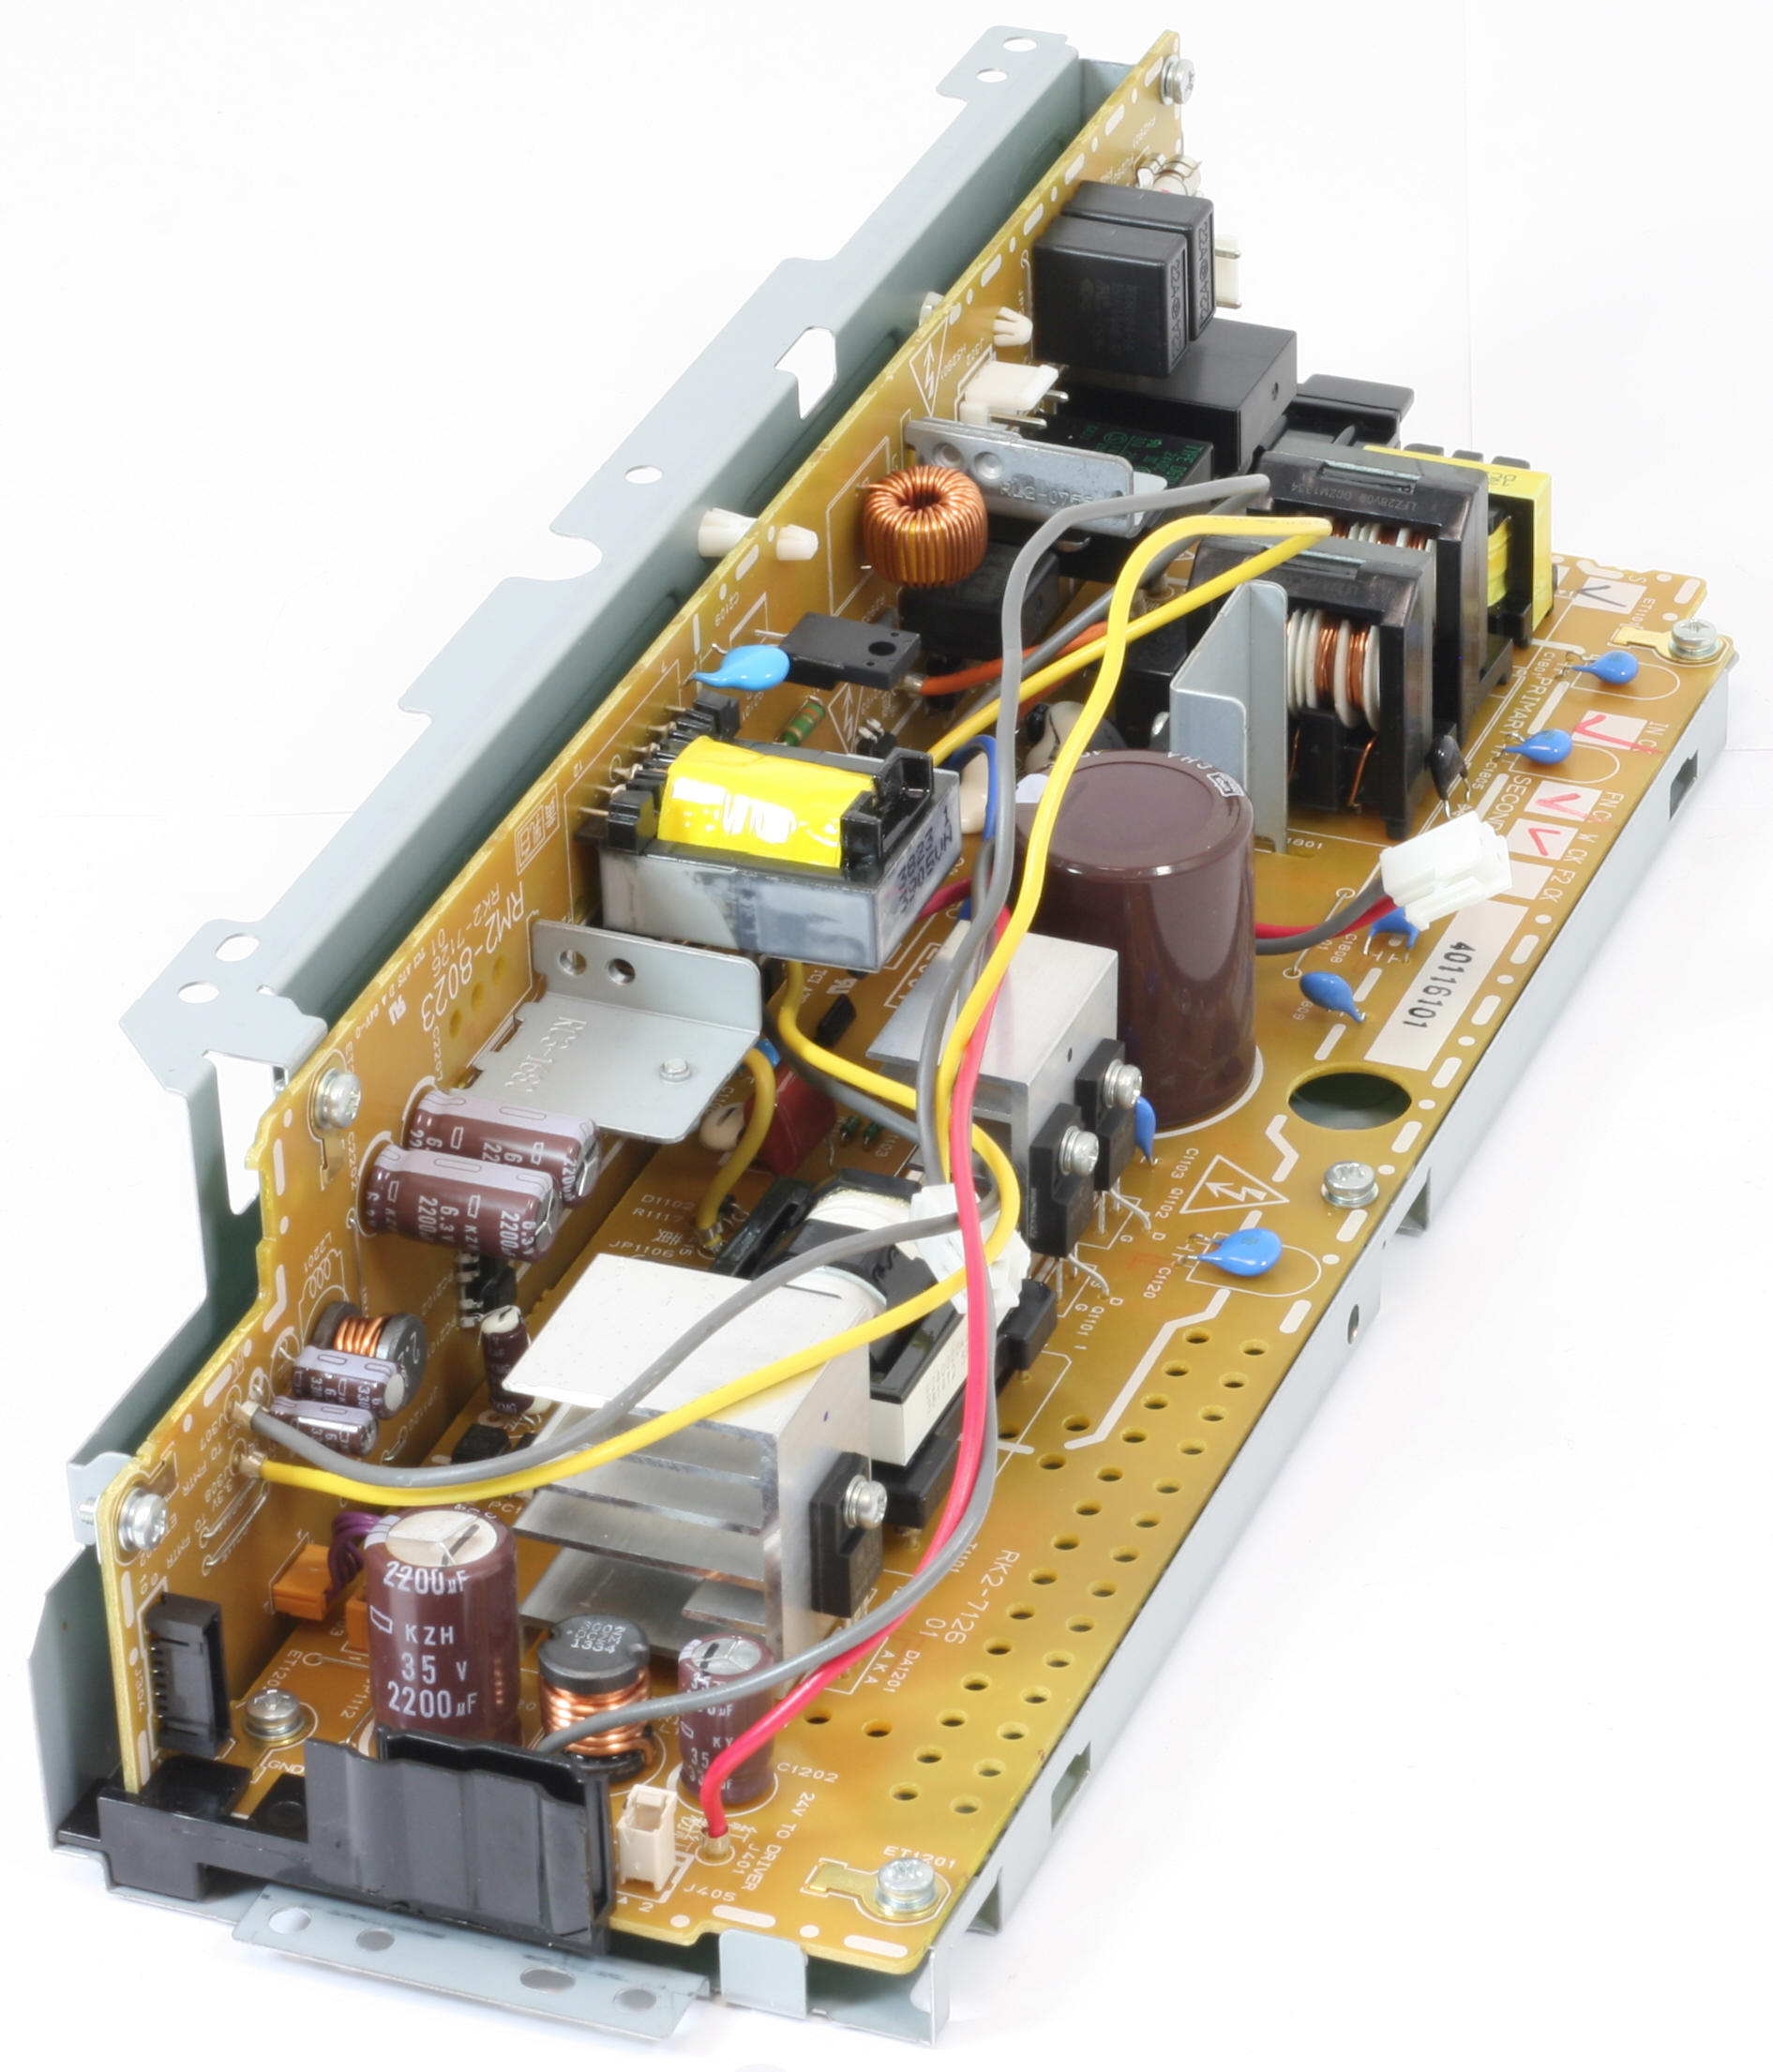 HP Netzteil RM2-8023 POWER SUPPLY Laserjet 400 M451NW gebraucht